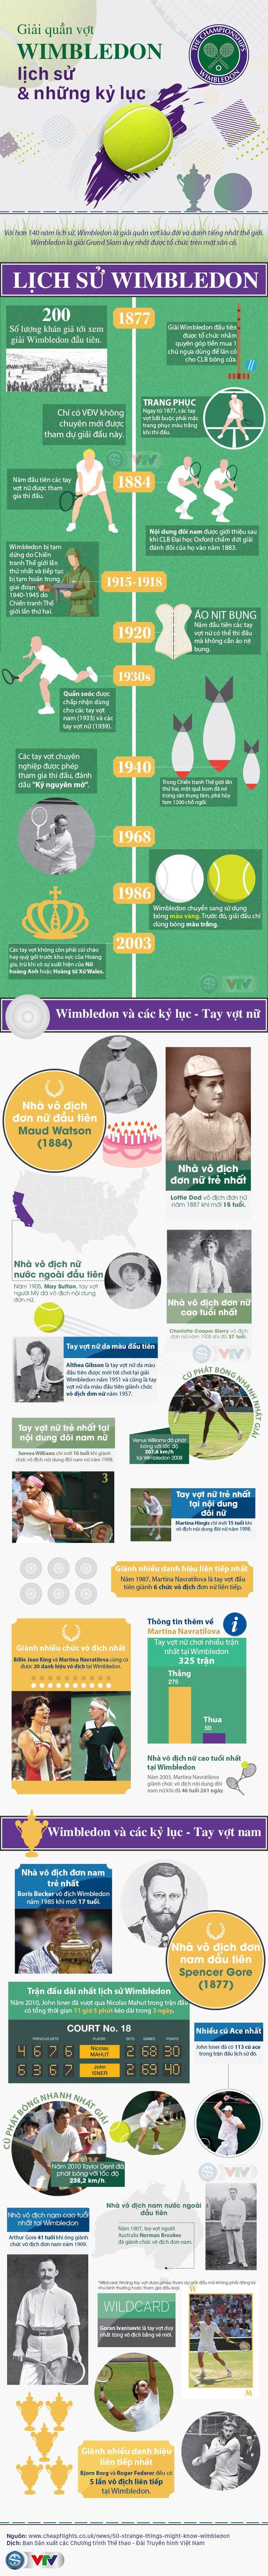 Infographic: Wimbledon - Lịch sử và những kỷ lục - Ảnh 1.